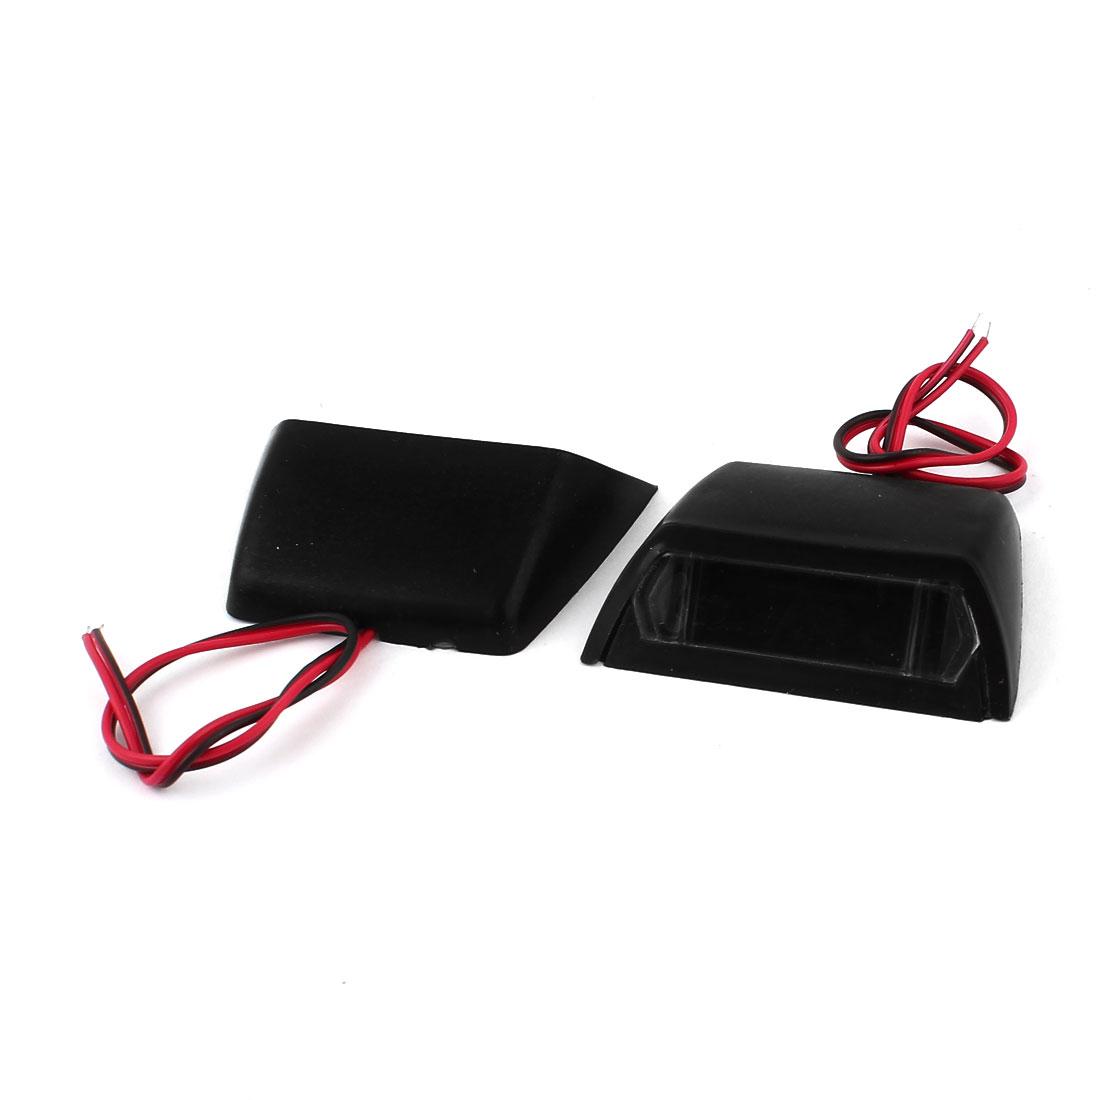 DC 12V Red 4 LED Car Self Adhesive Turn Rear Brake Warning Tail Light Lamp Pair